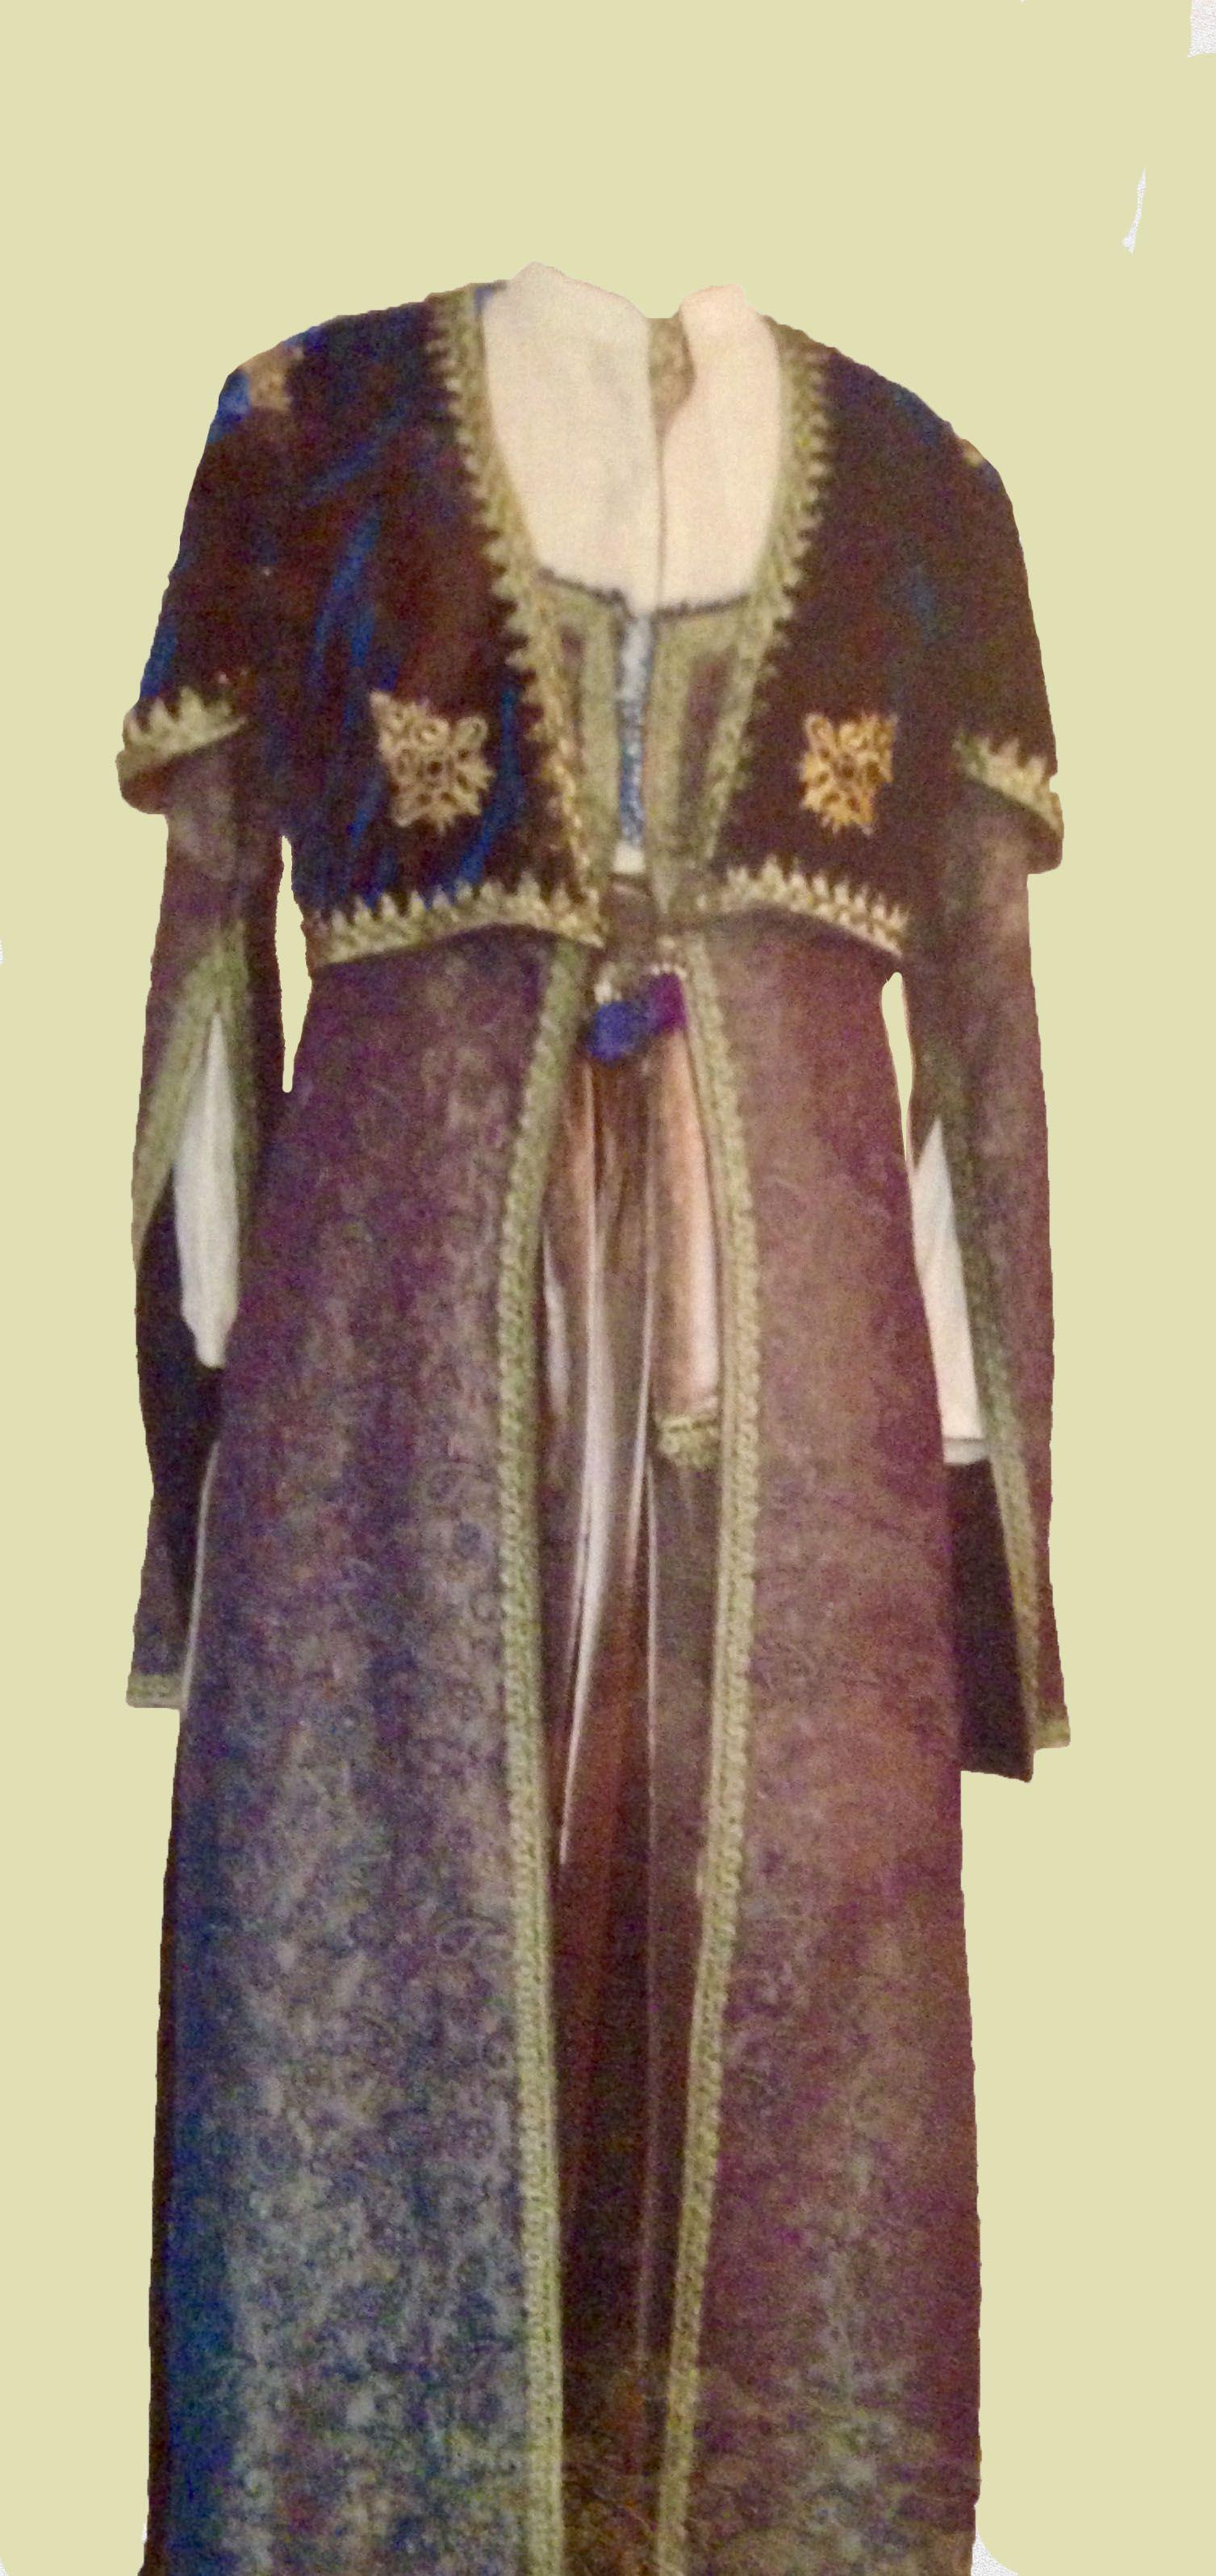 osmanlı kadın kıyafetleri Kıyafet, Kadın kıyafetleri, Kadın